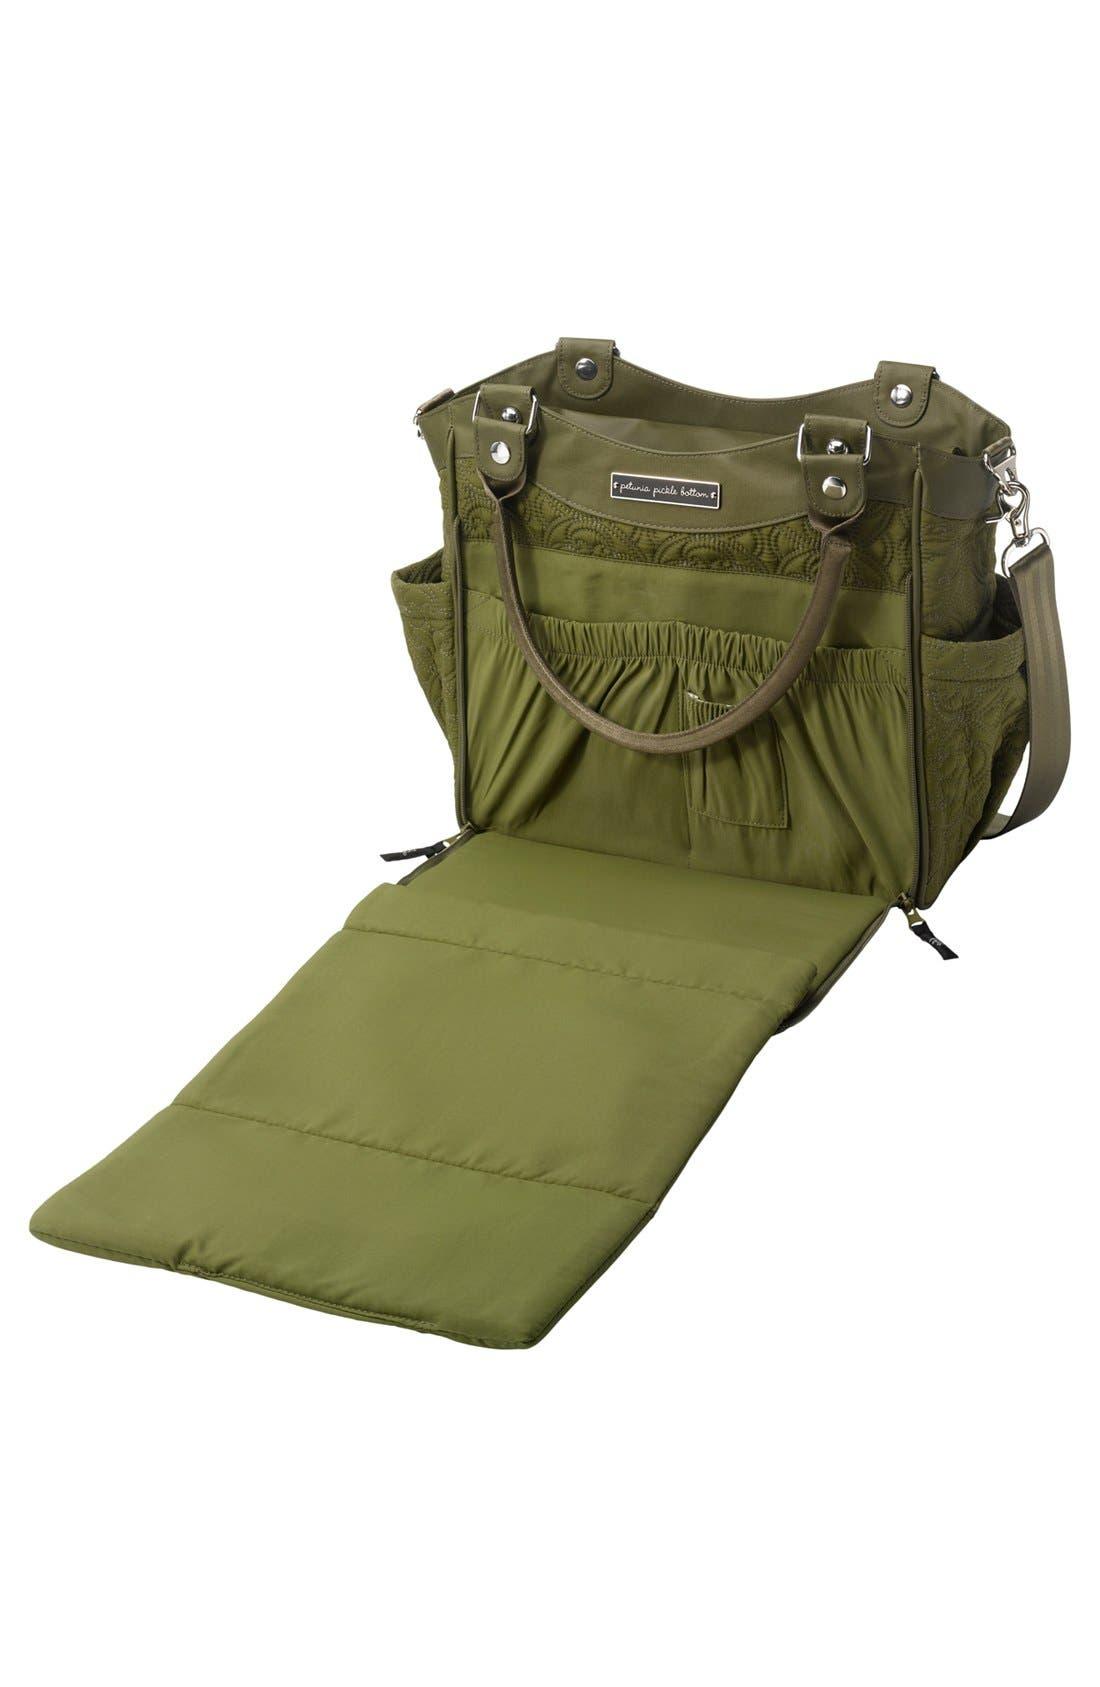 Alternate Image 3  - Petunia Pickle Bottom 'City Carryall' Embossed Diaper Bag